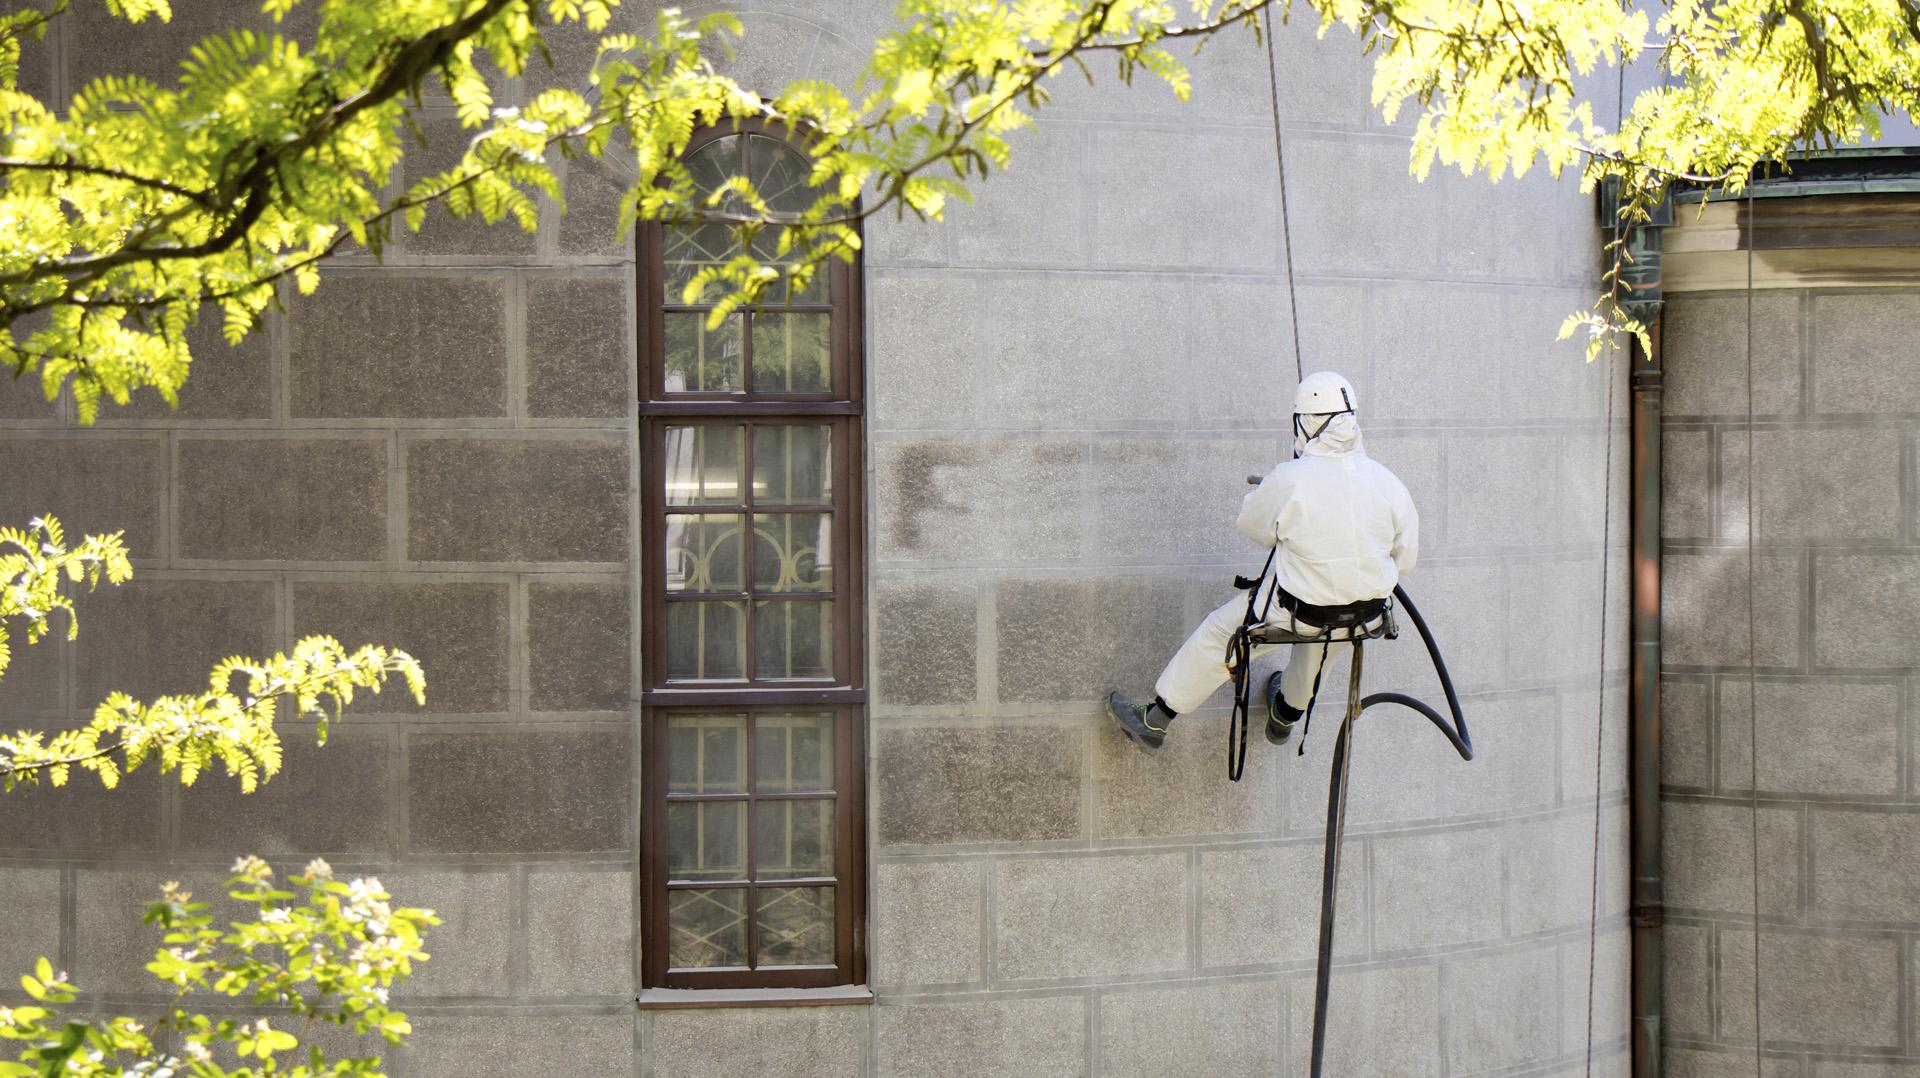 pamplona-limpiar-fachada-trabajos-verticales-fachada-3